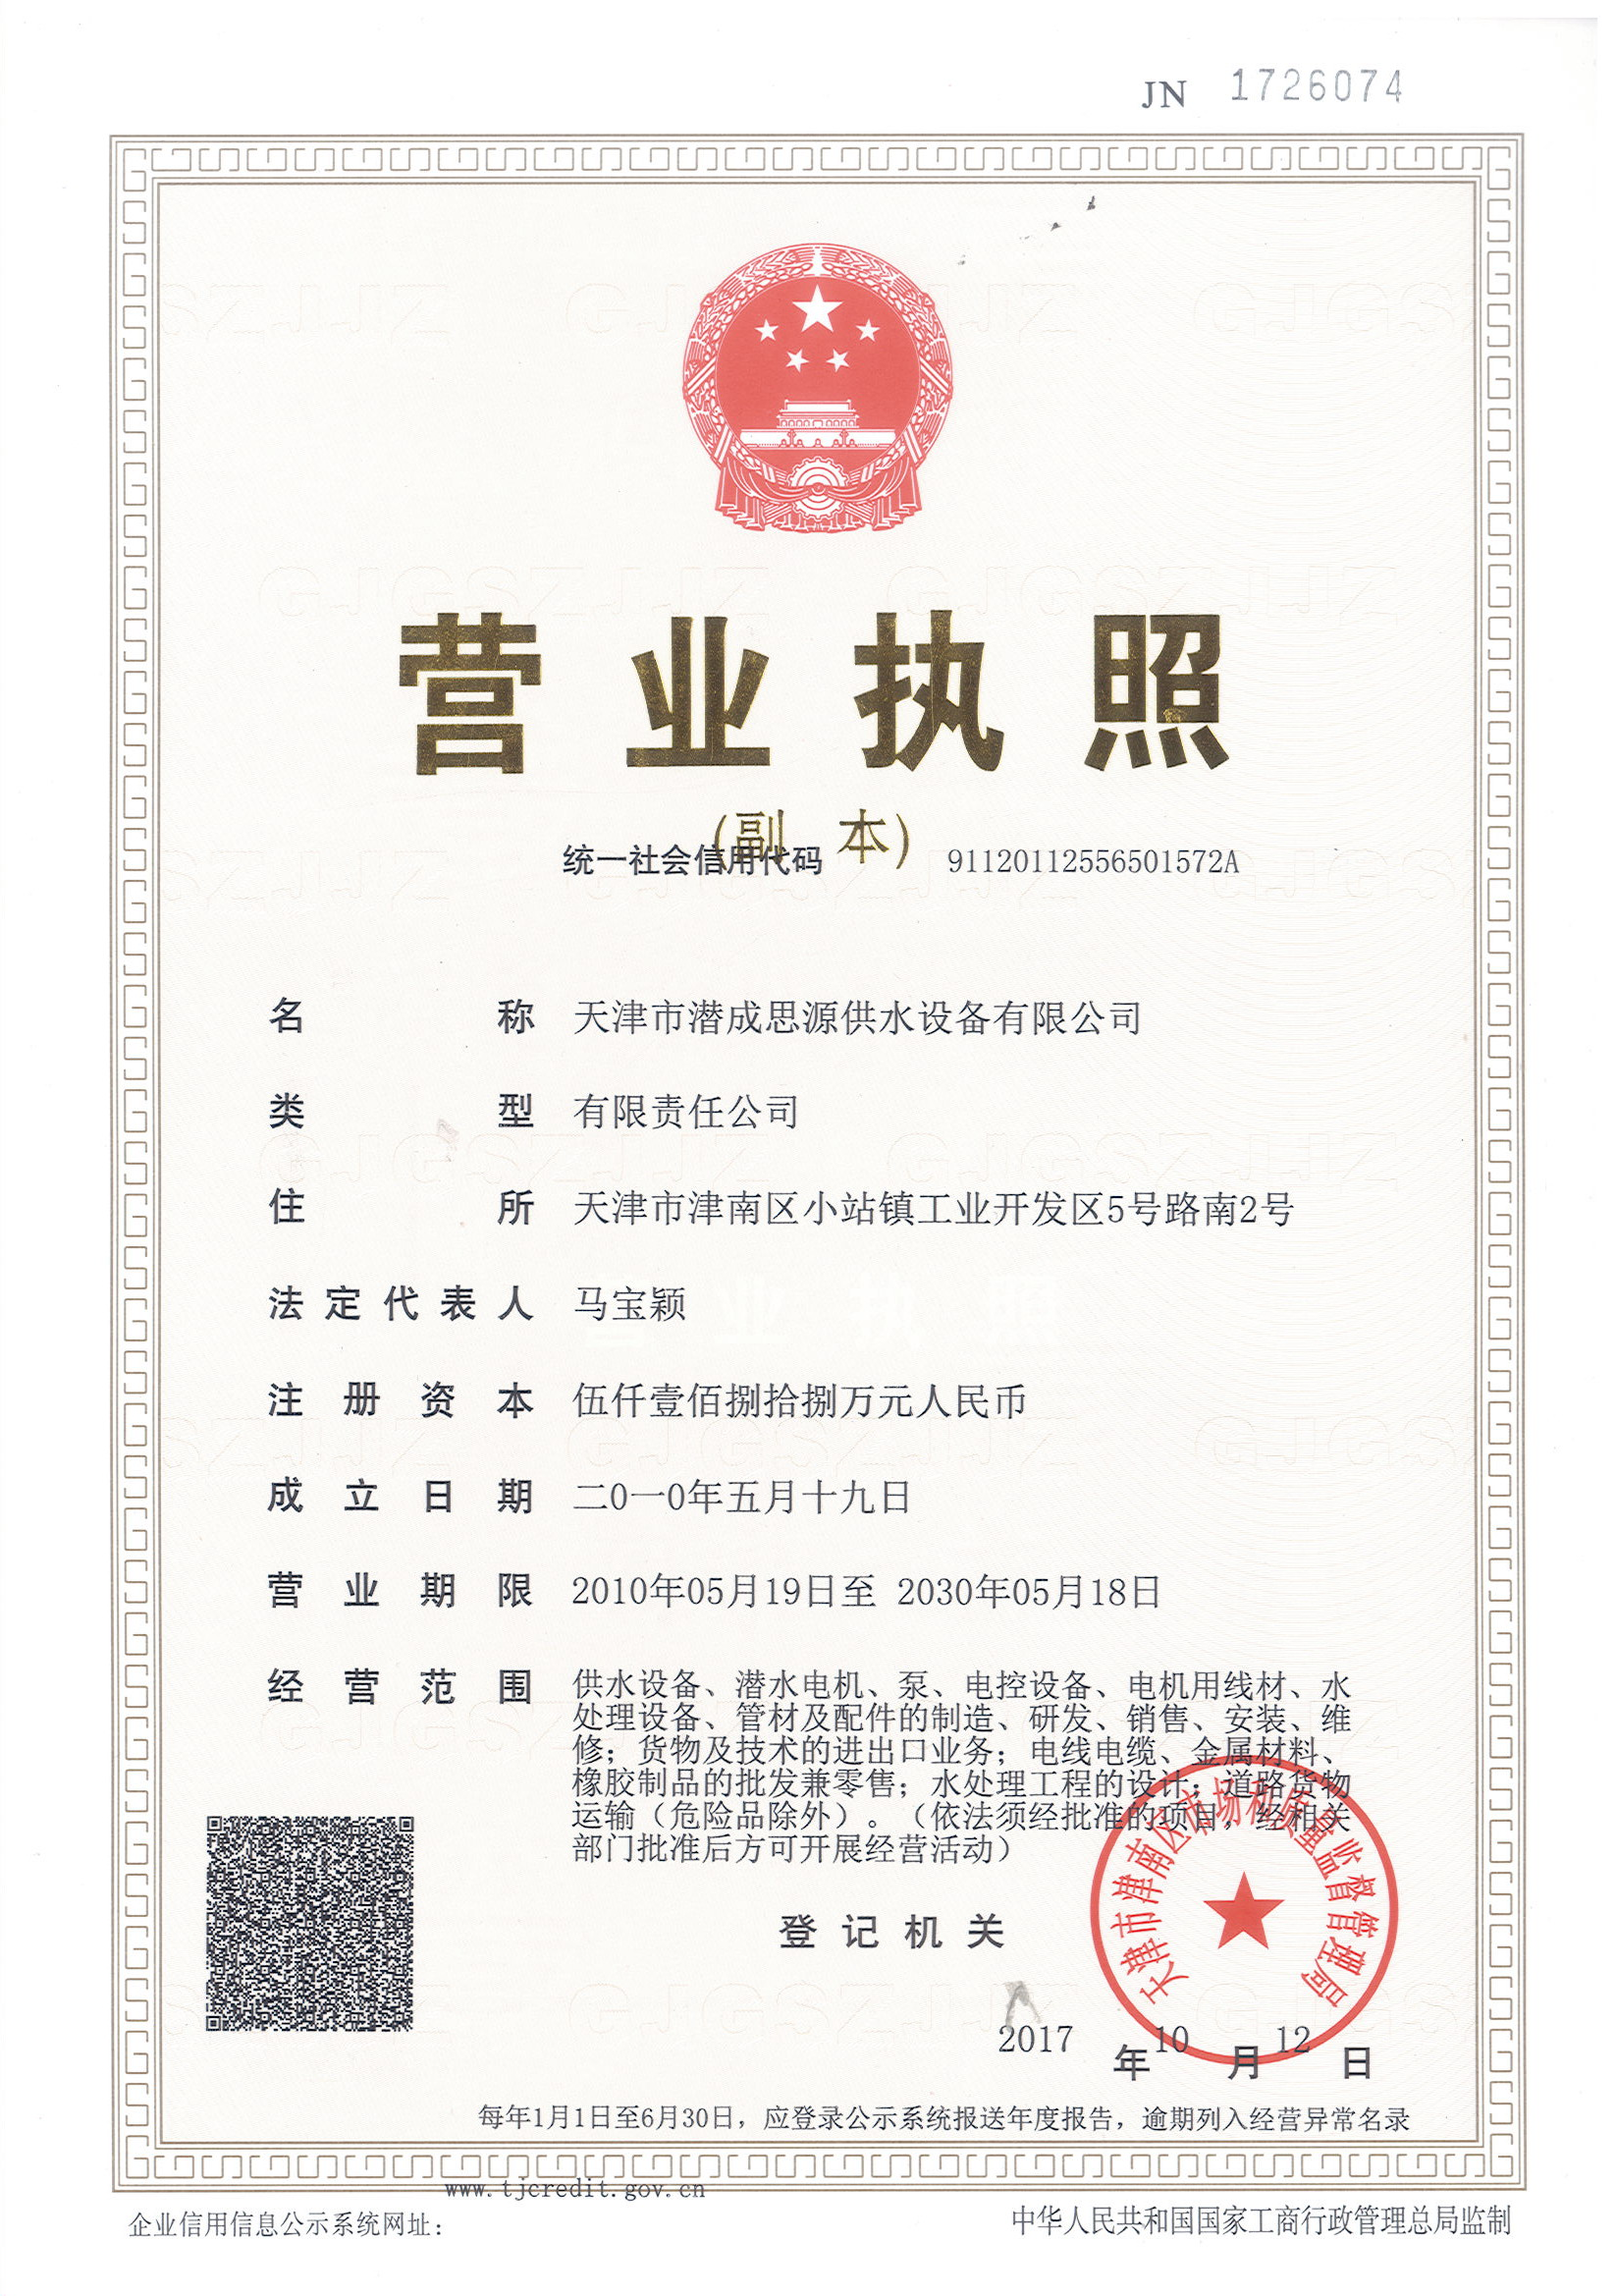 资质荣誉第1张-潜水电机-潜水电泵-高压潜水电机-天津潜成泵业